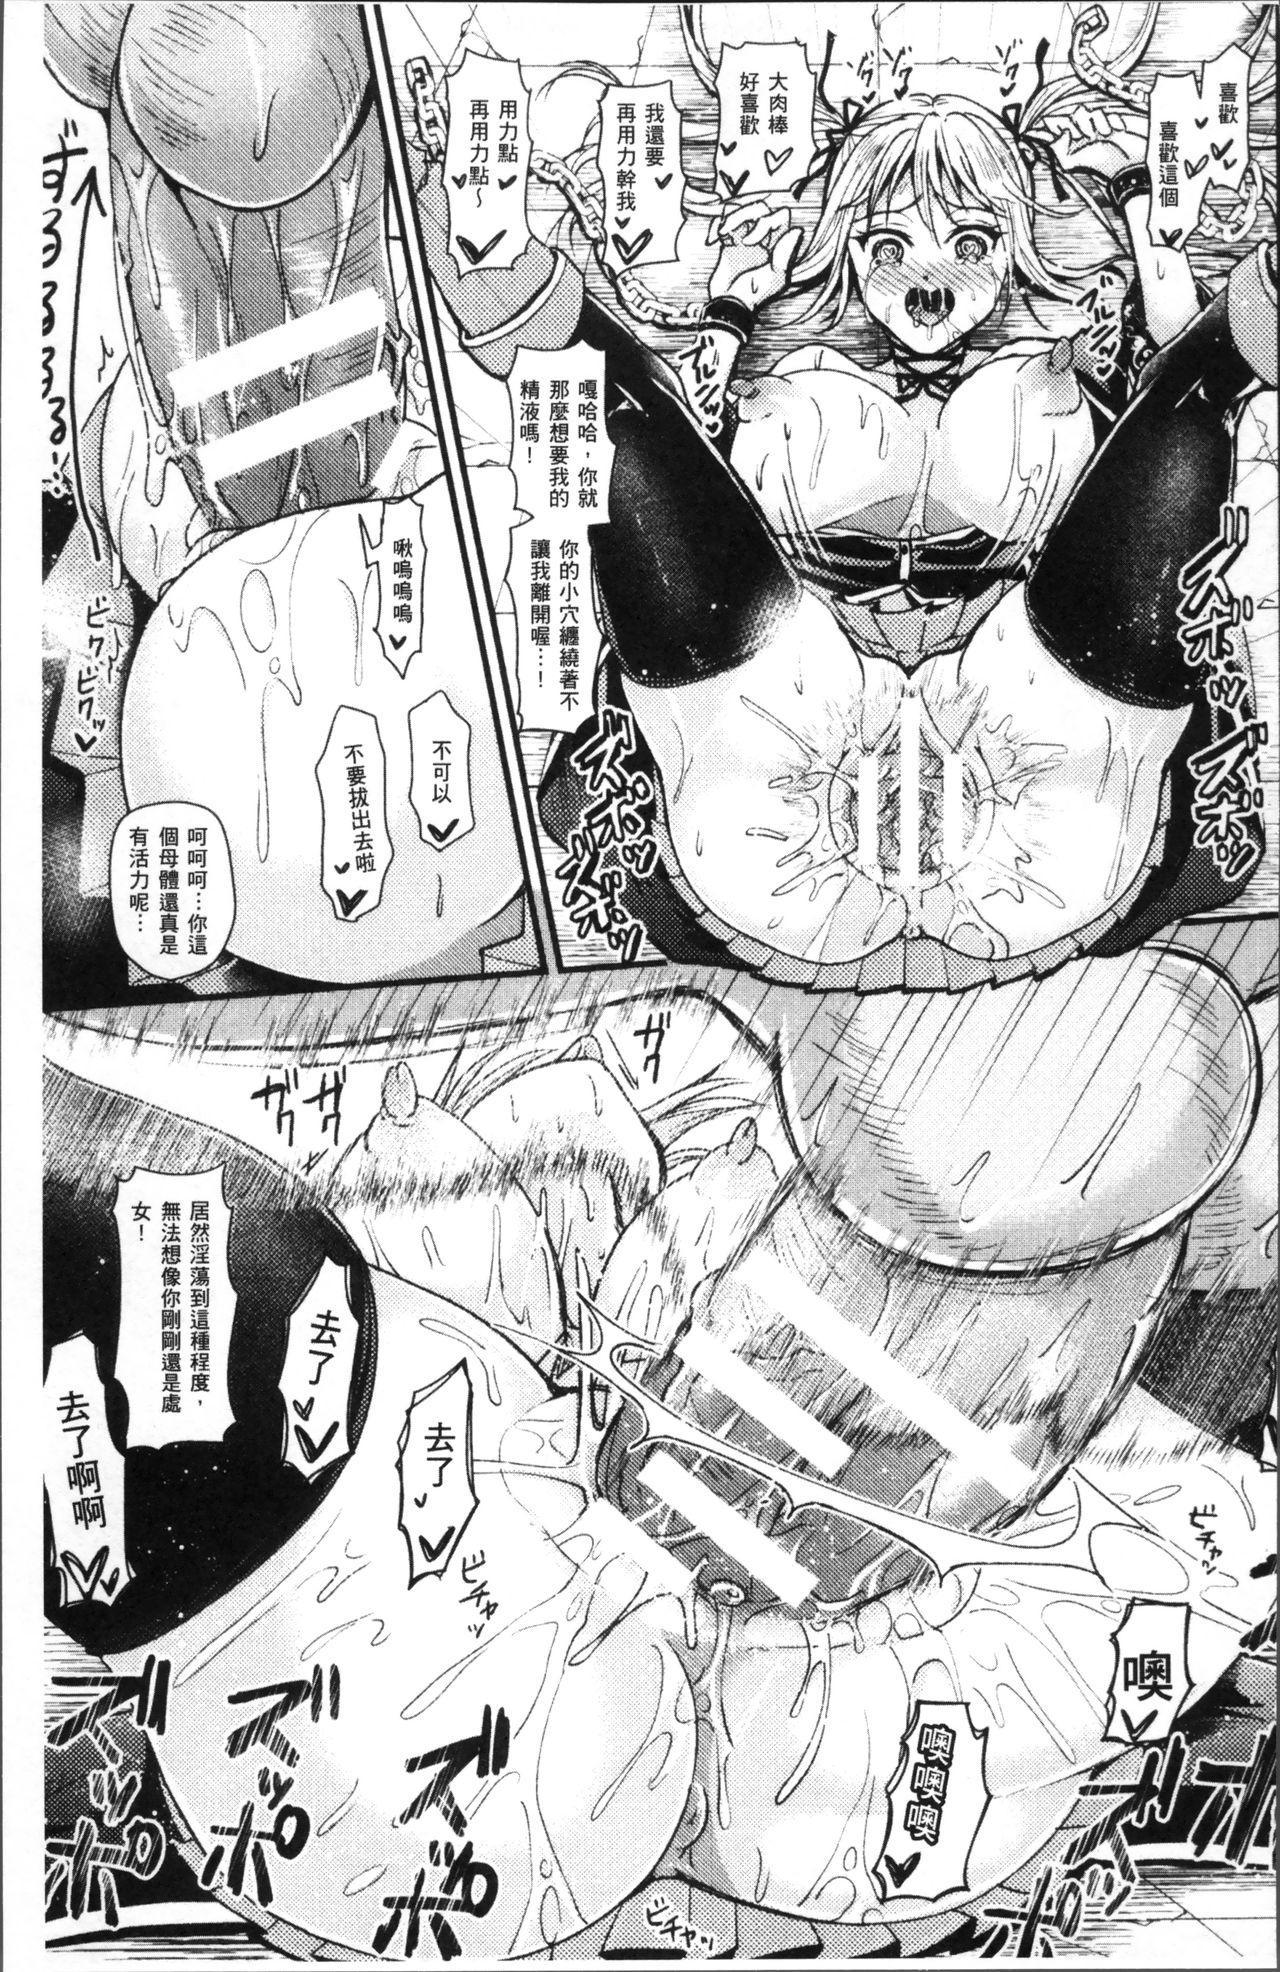 Bessatsu Comic Unreal Ningen Bokujou Hen 4 126